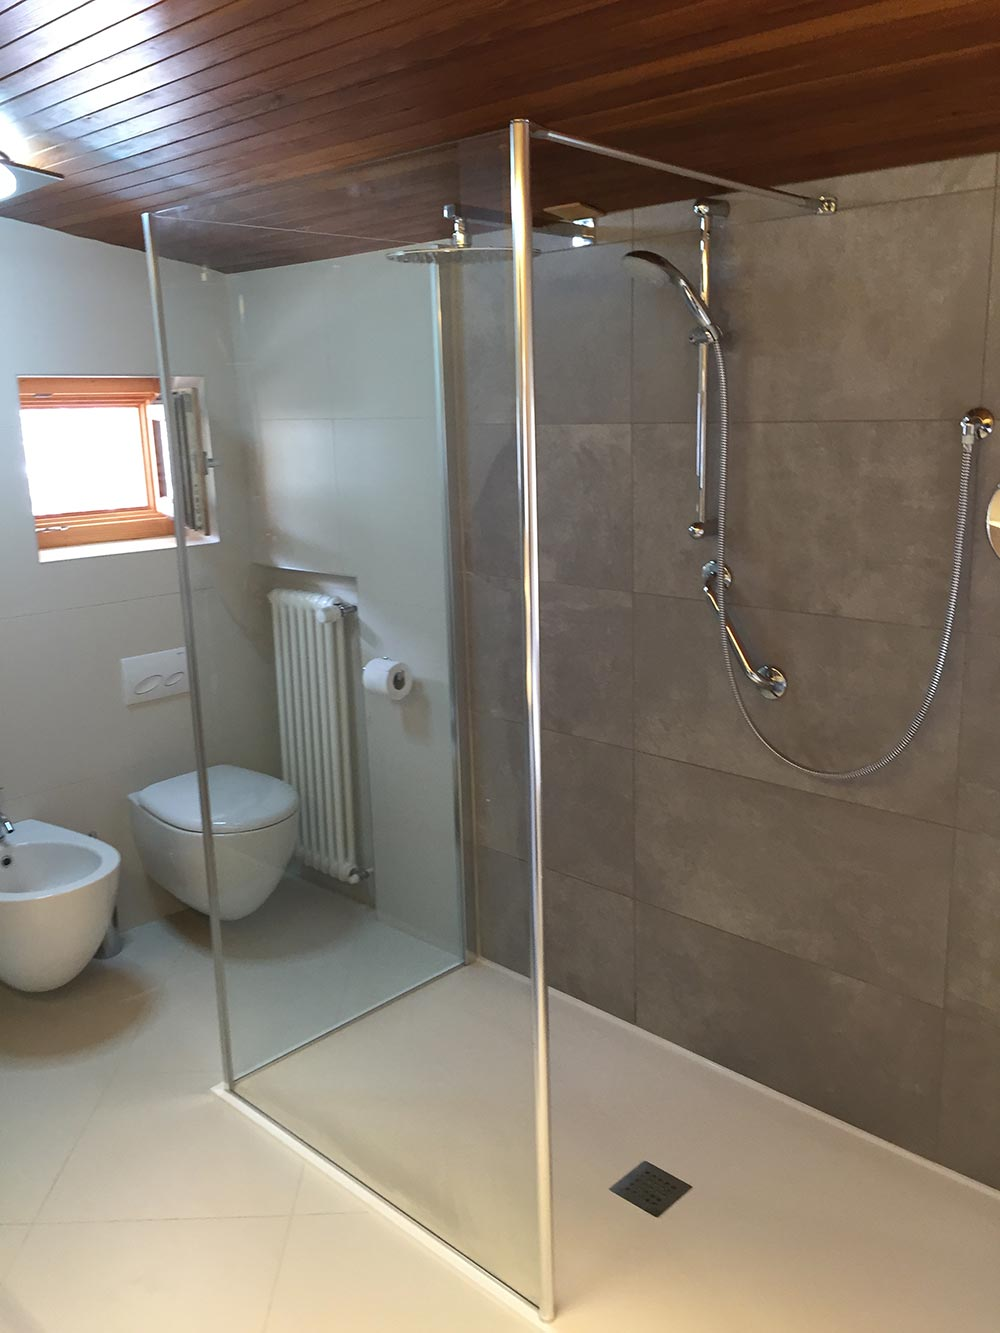 Piatto doccia filo pavimento piatto doccia per disabili - Impermeabilizzare fughe piastrelle doccia ...